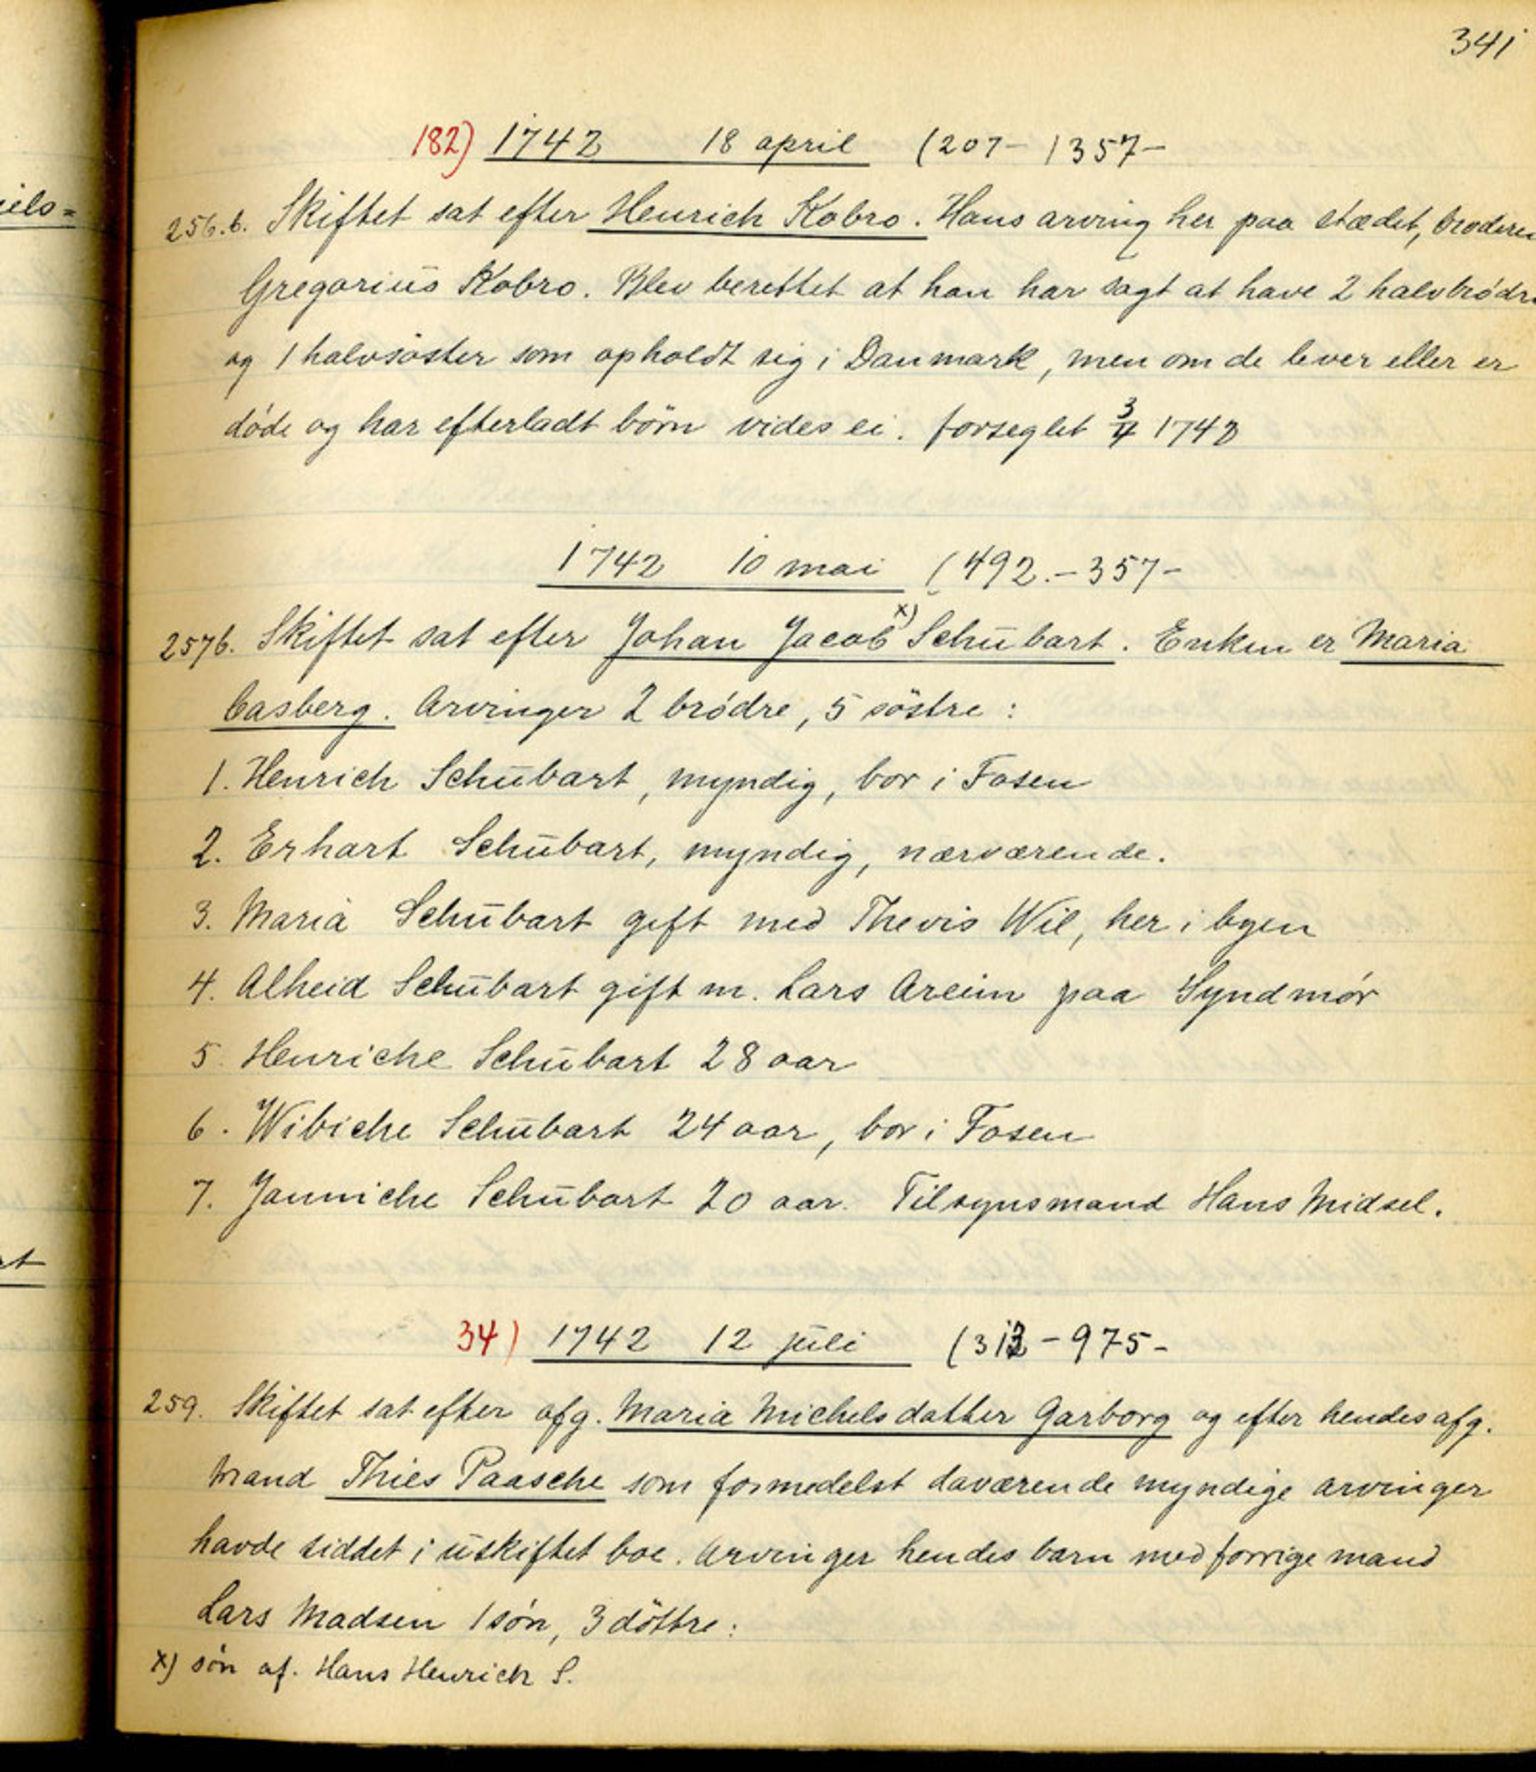 SAB, Sollied, Olaf og Thora - samlinger, 01/L0010: Skifte: Utdrag av skifteprotokoller, 1740-1759, s. 341